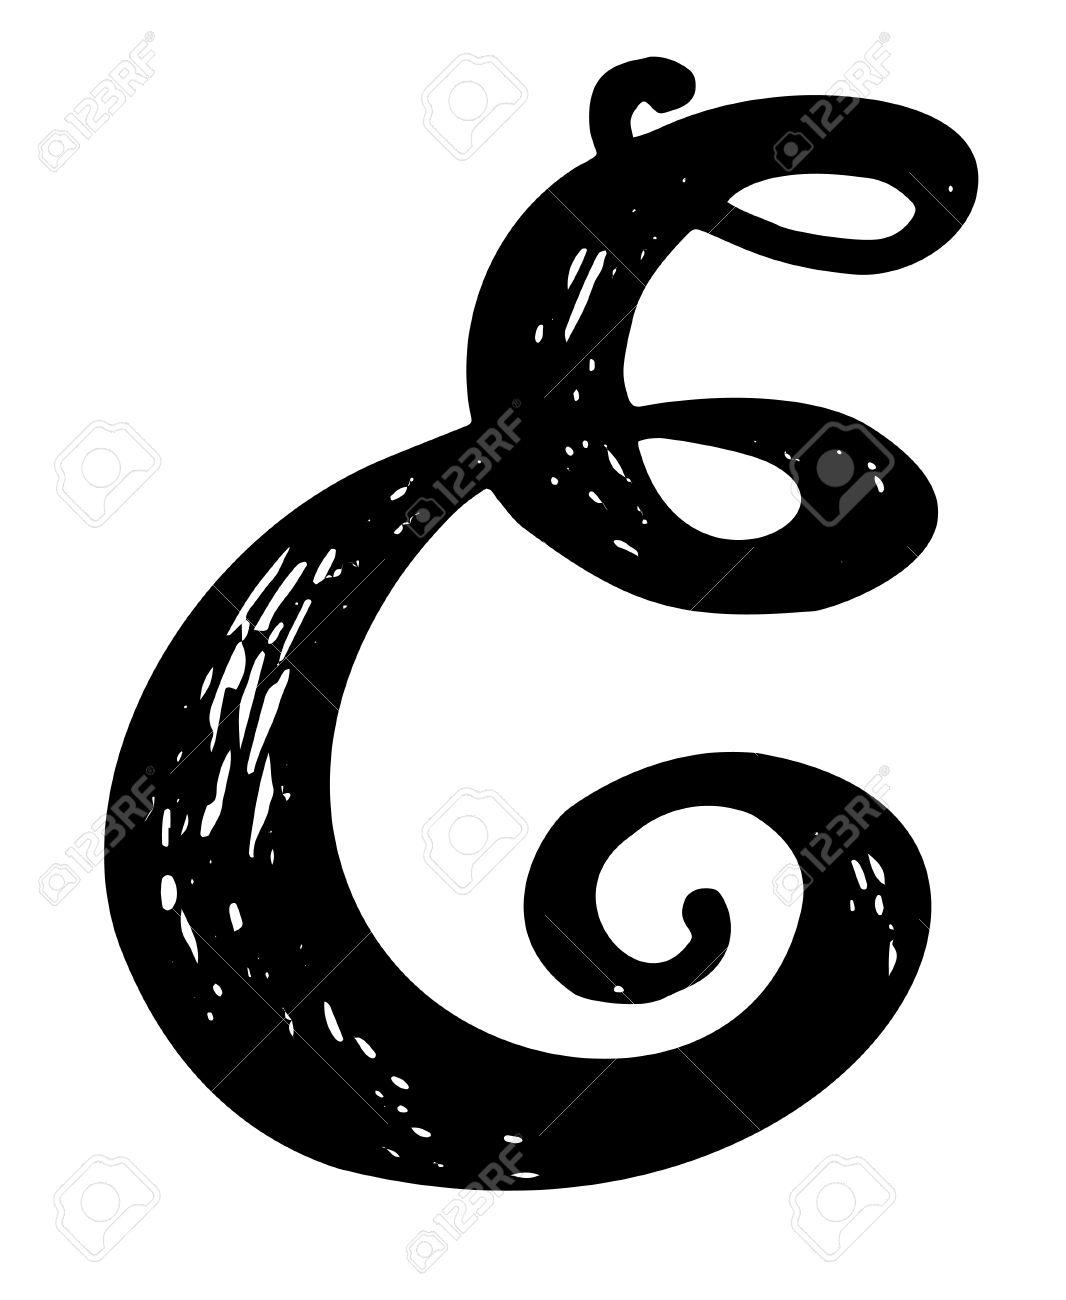 letter e. calligraphy alphabet typeset lettering. hand drawn